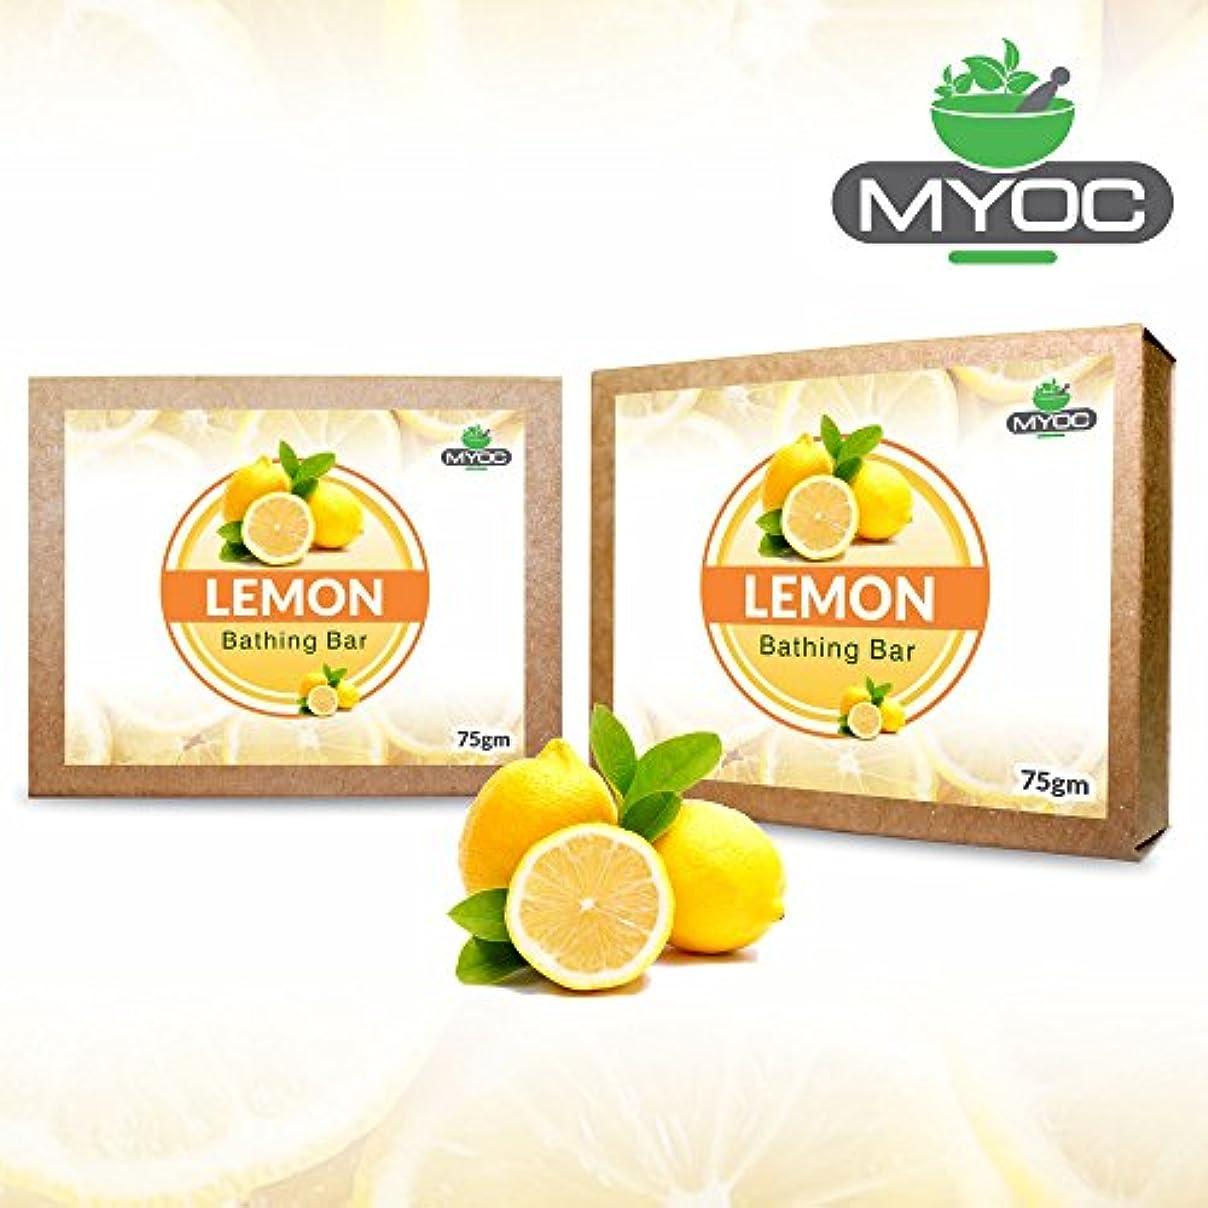 毛細血管マッサージ促すLemon Oil And Vitamin E Astringent Soap, deodorant, antiseptic soap for clogged pores and acne prone skin 75g...